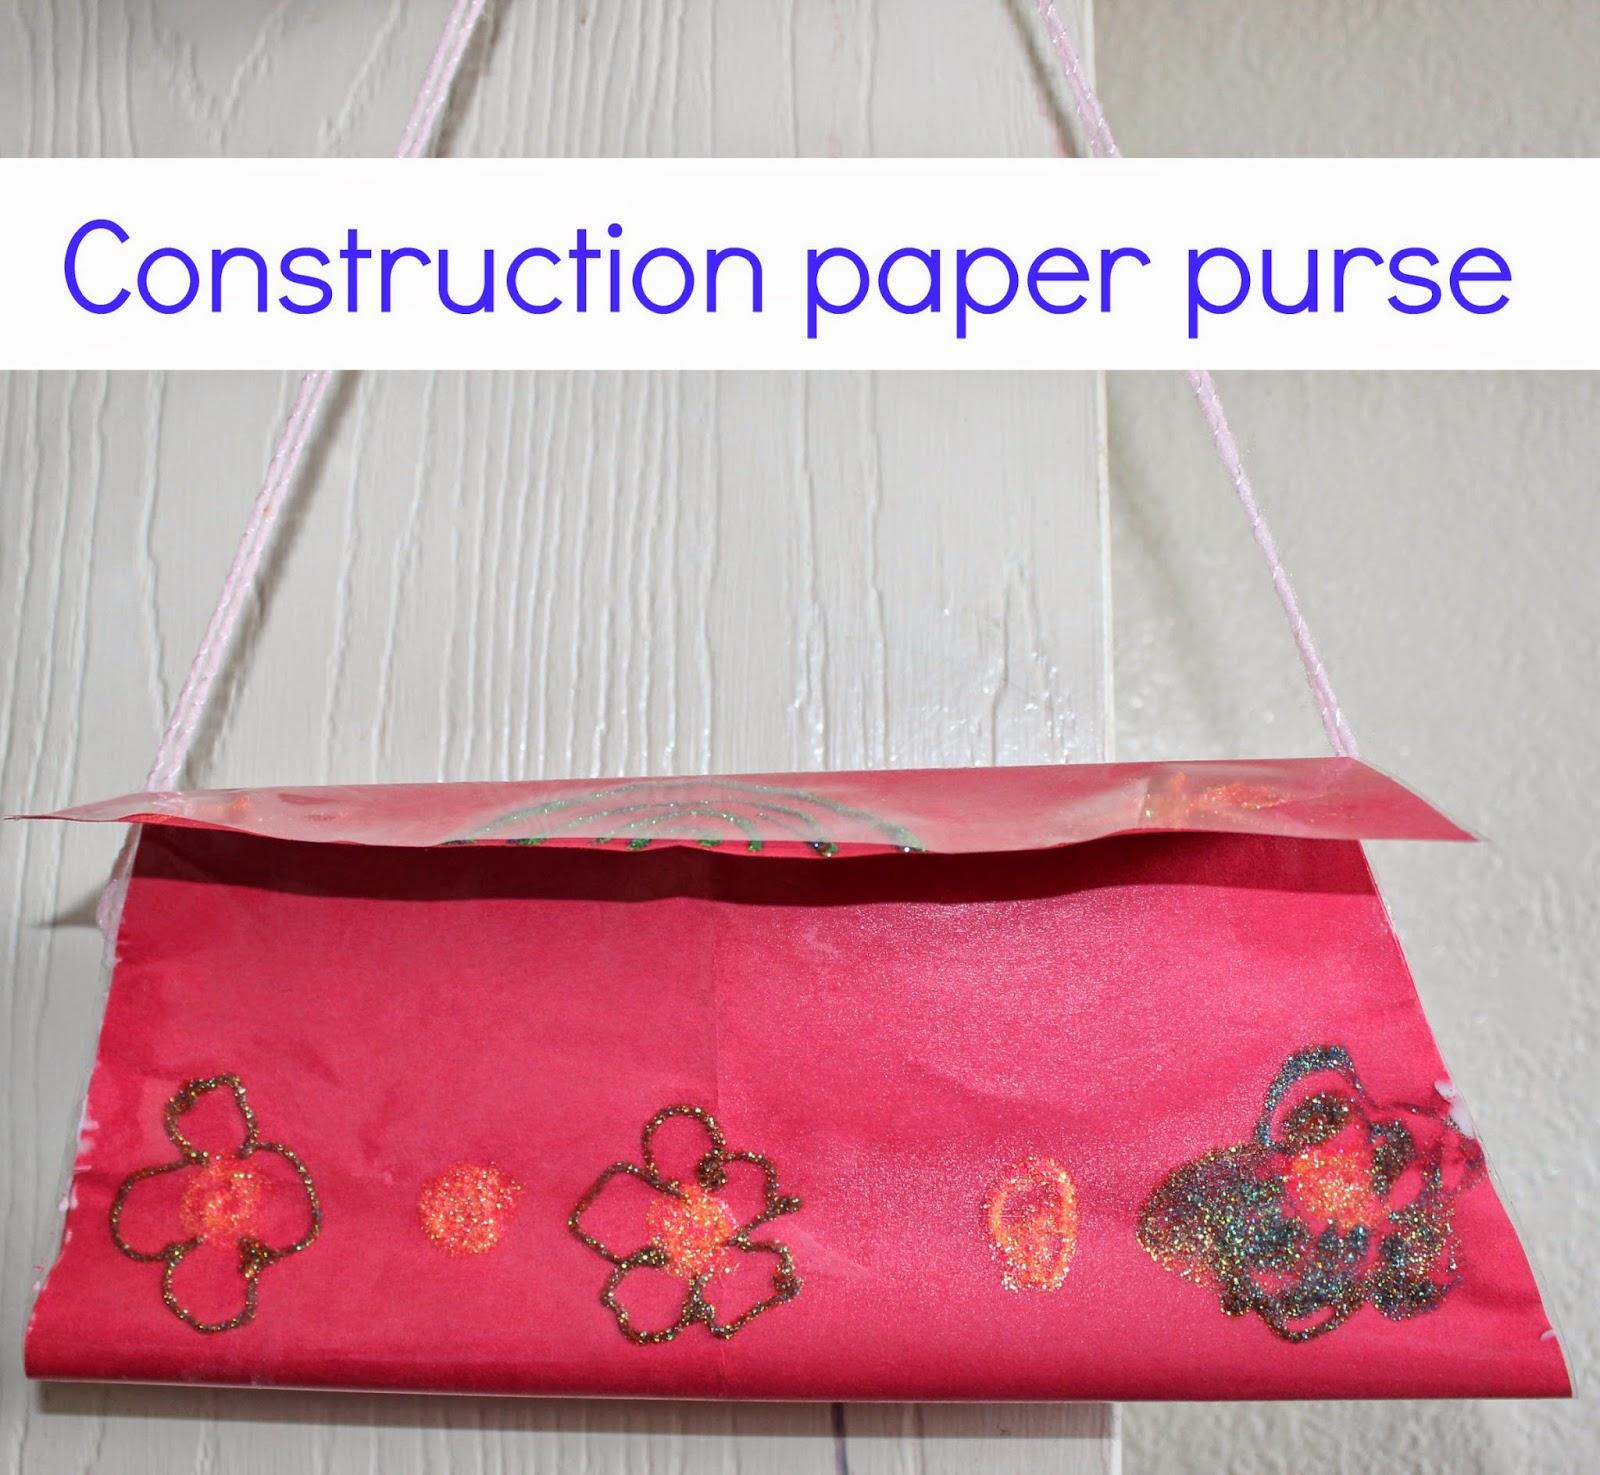 Construction paper purse